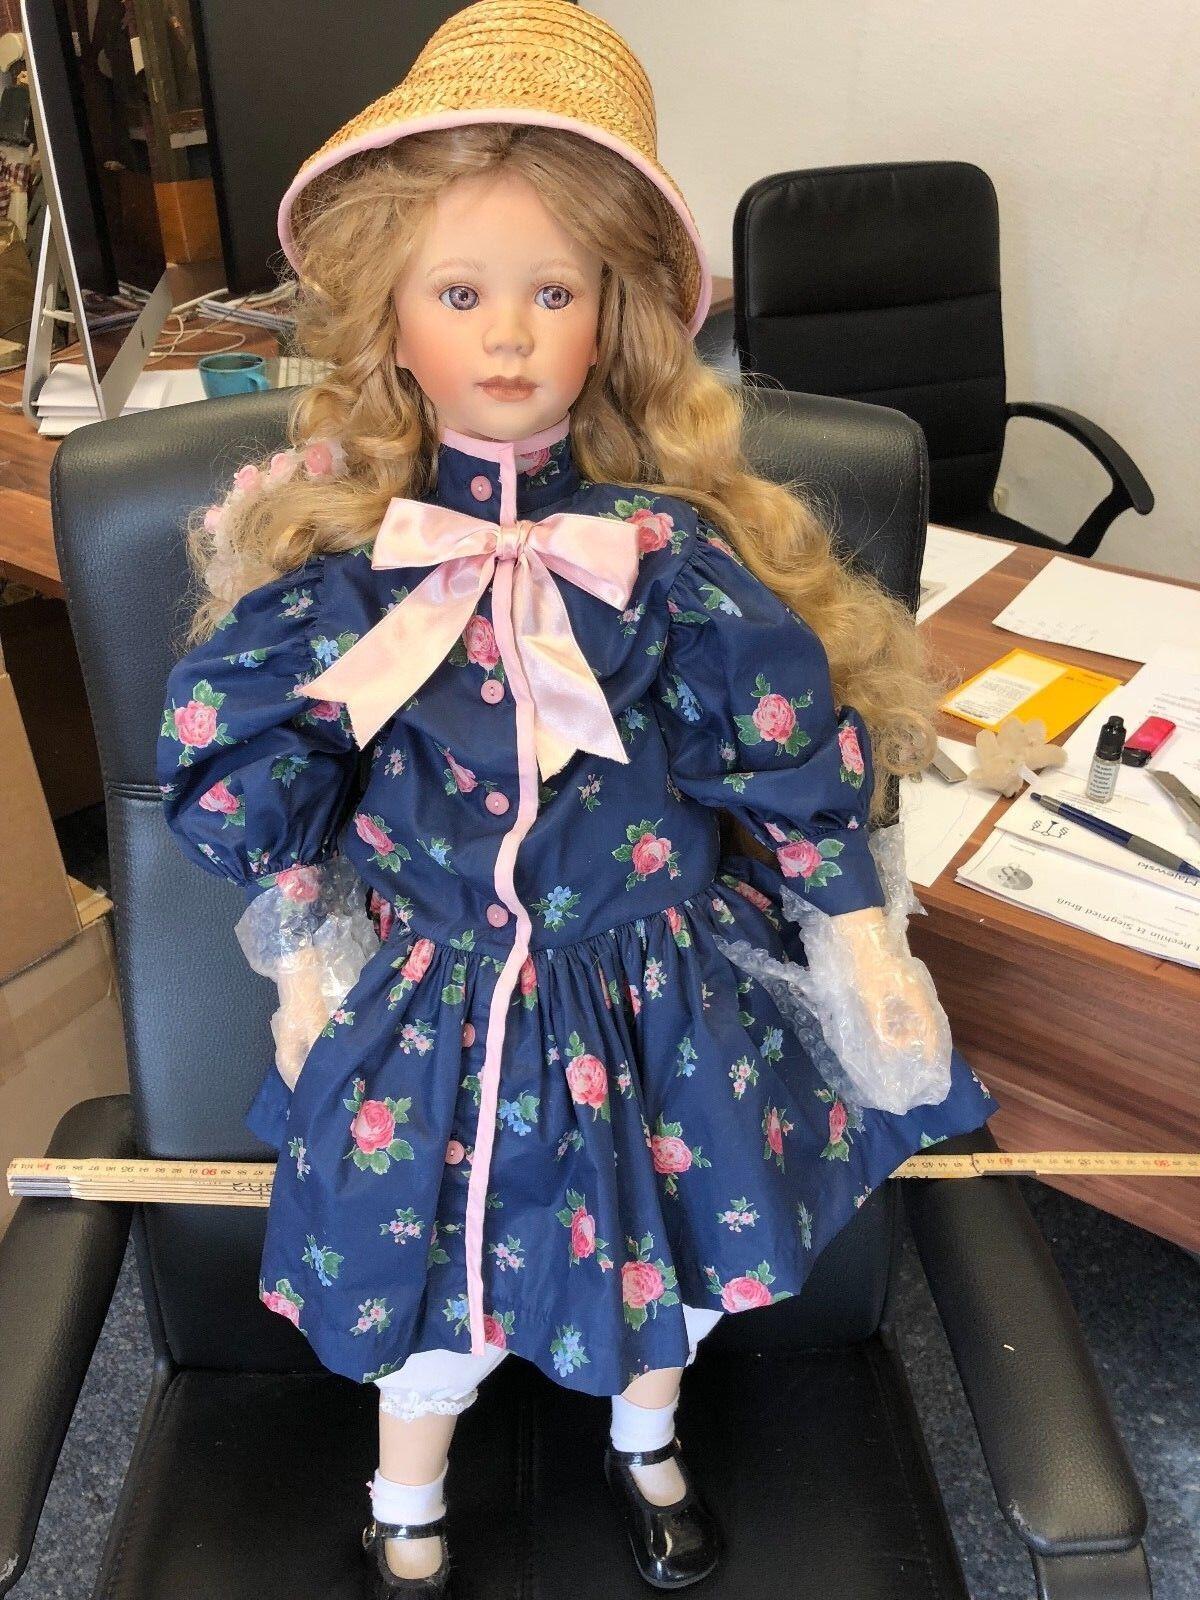 Il Kase Lepp ⭐ ⭐ bambola di porcellana 85 cm. ⭐ ⭐ ottimo stato